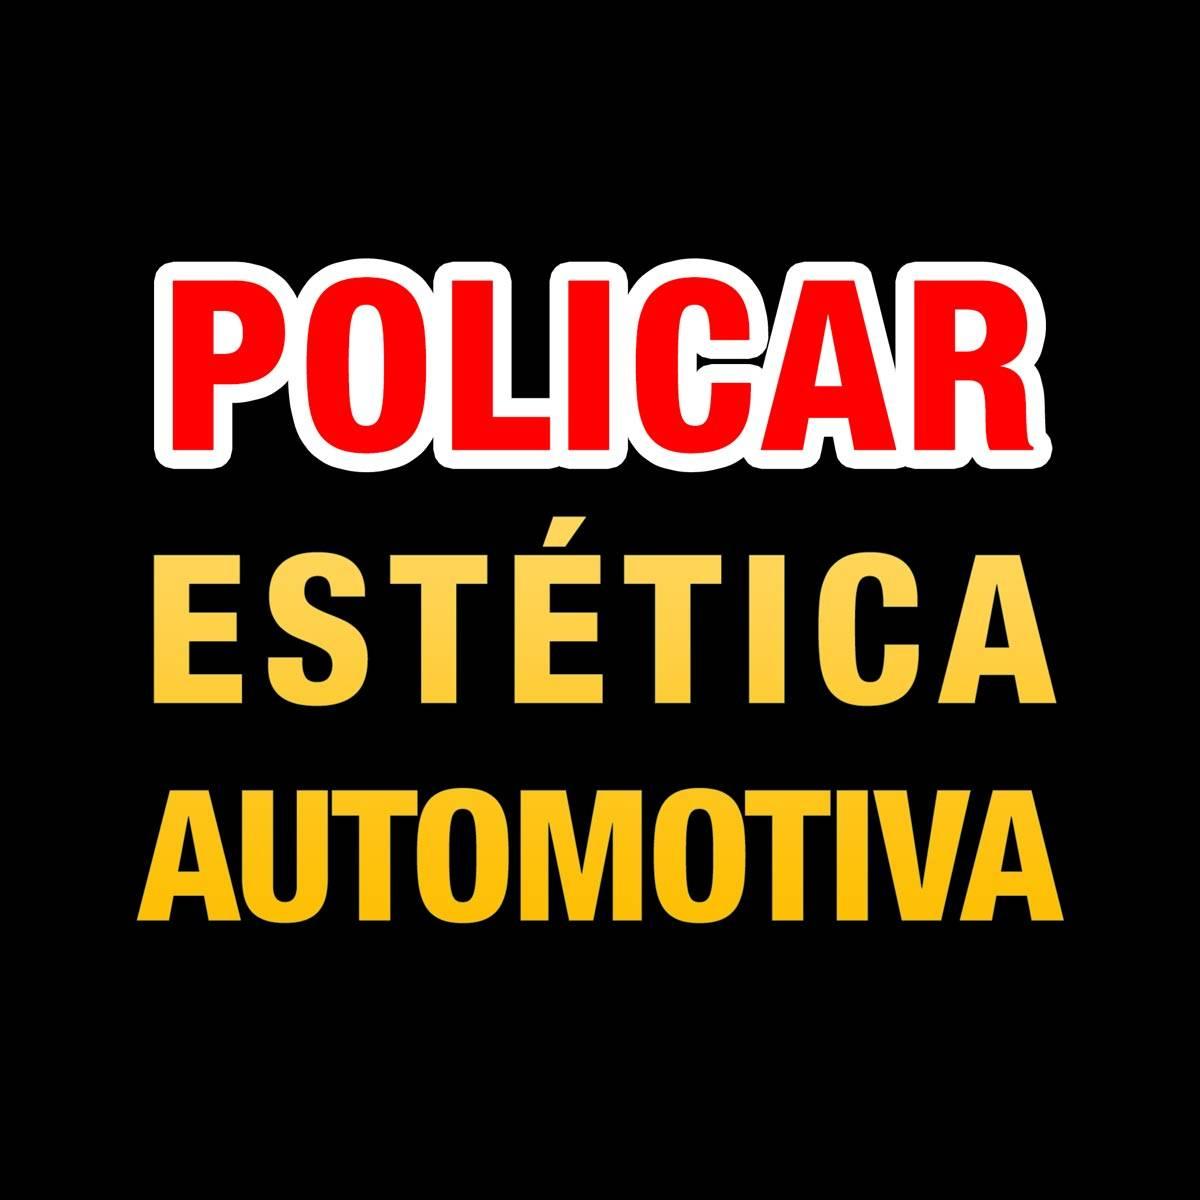 Policar Estética Automotiva